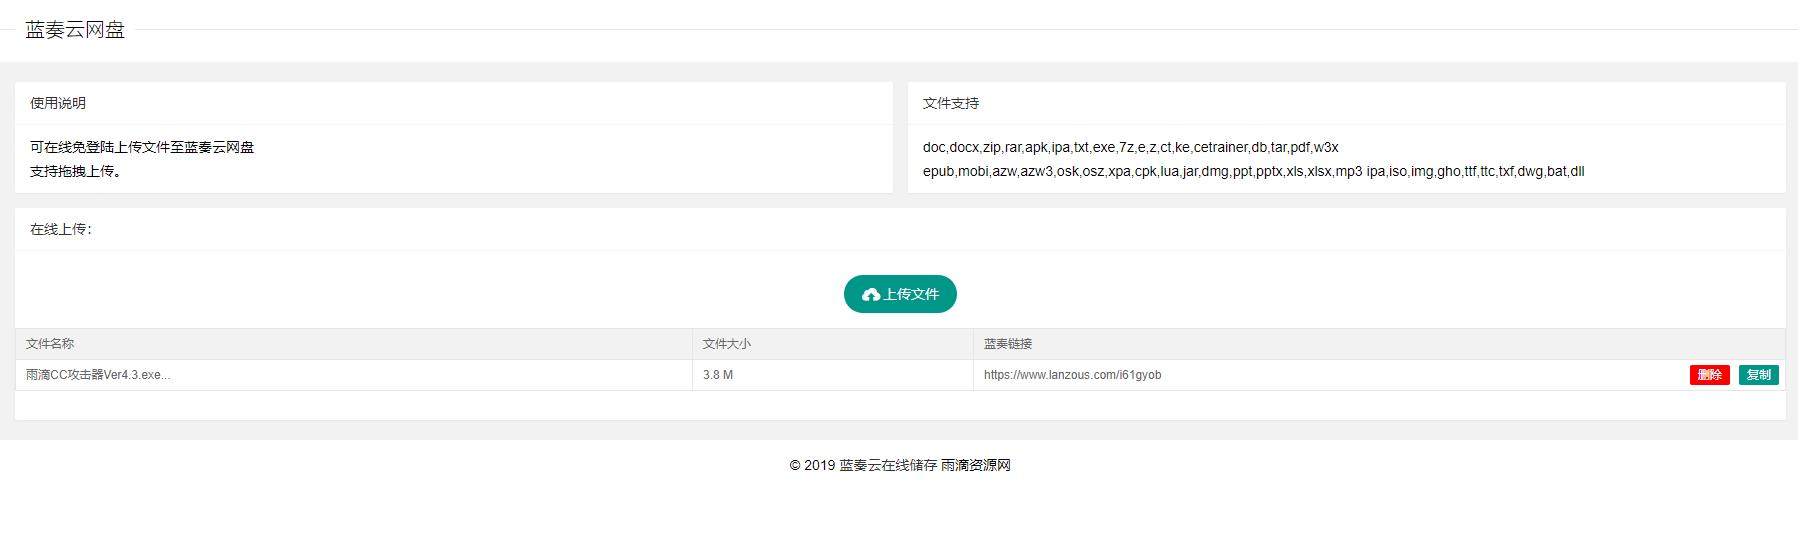 【网站源码】蓝奏云网盘在线上传源码